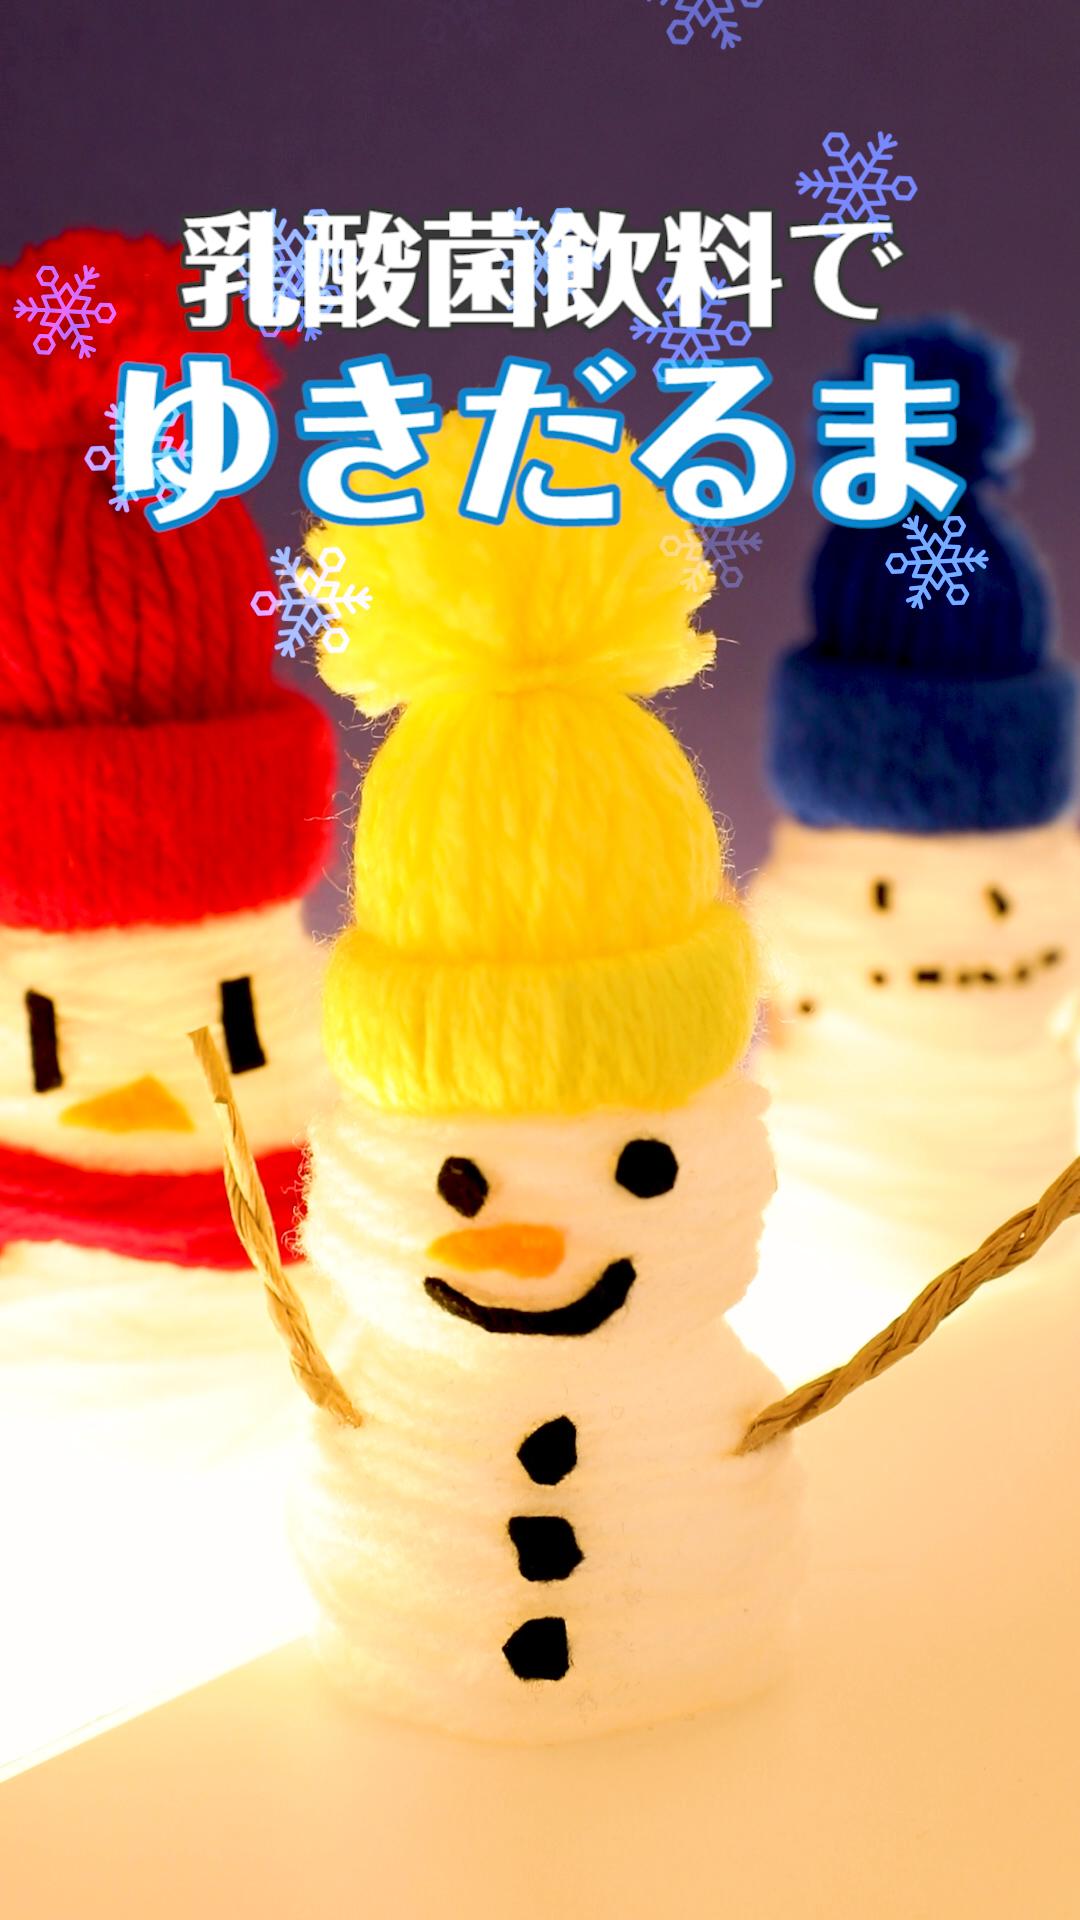 【動画】乳酸菌飲料で雪だるま